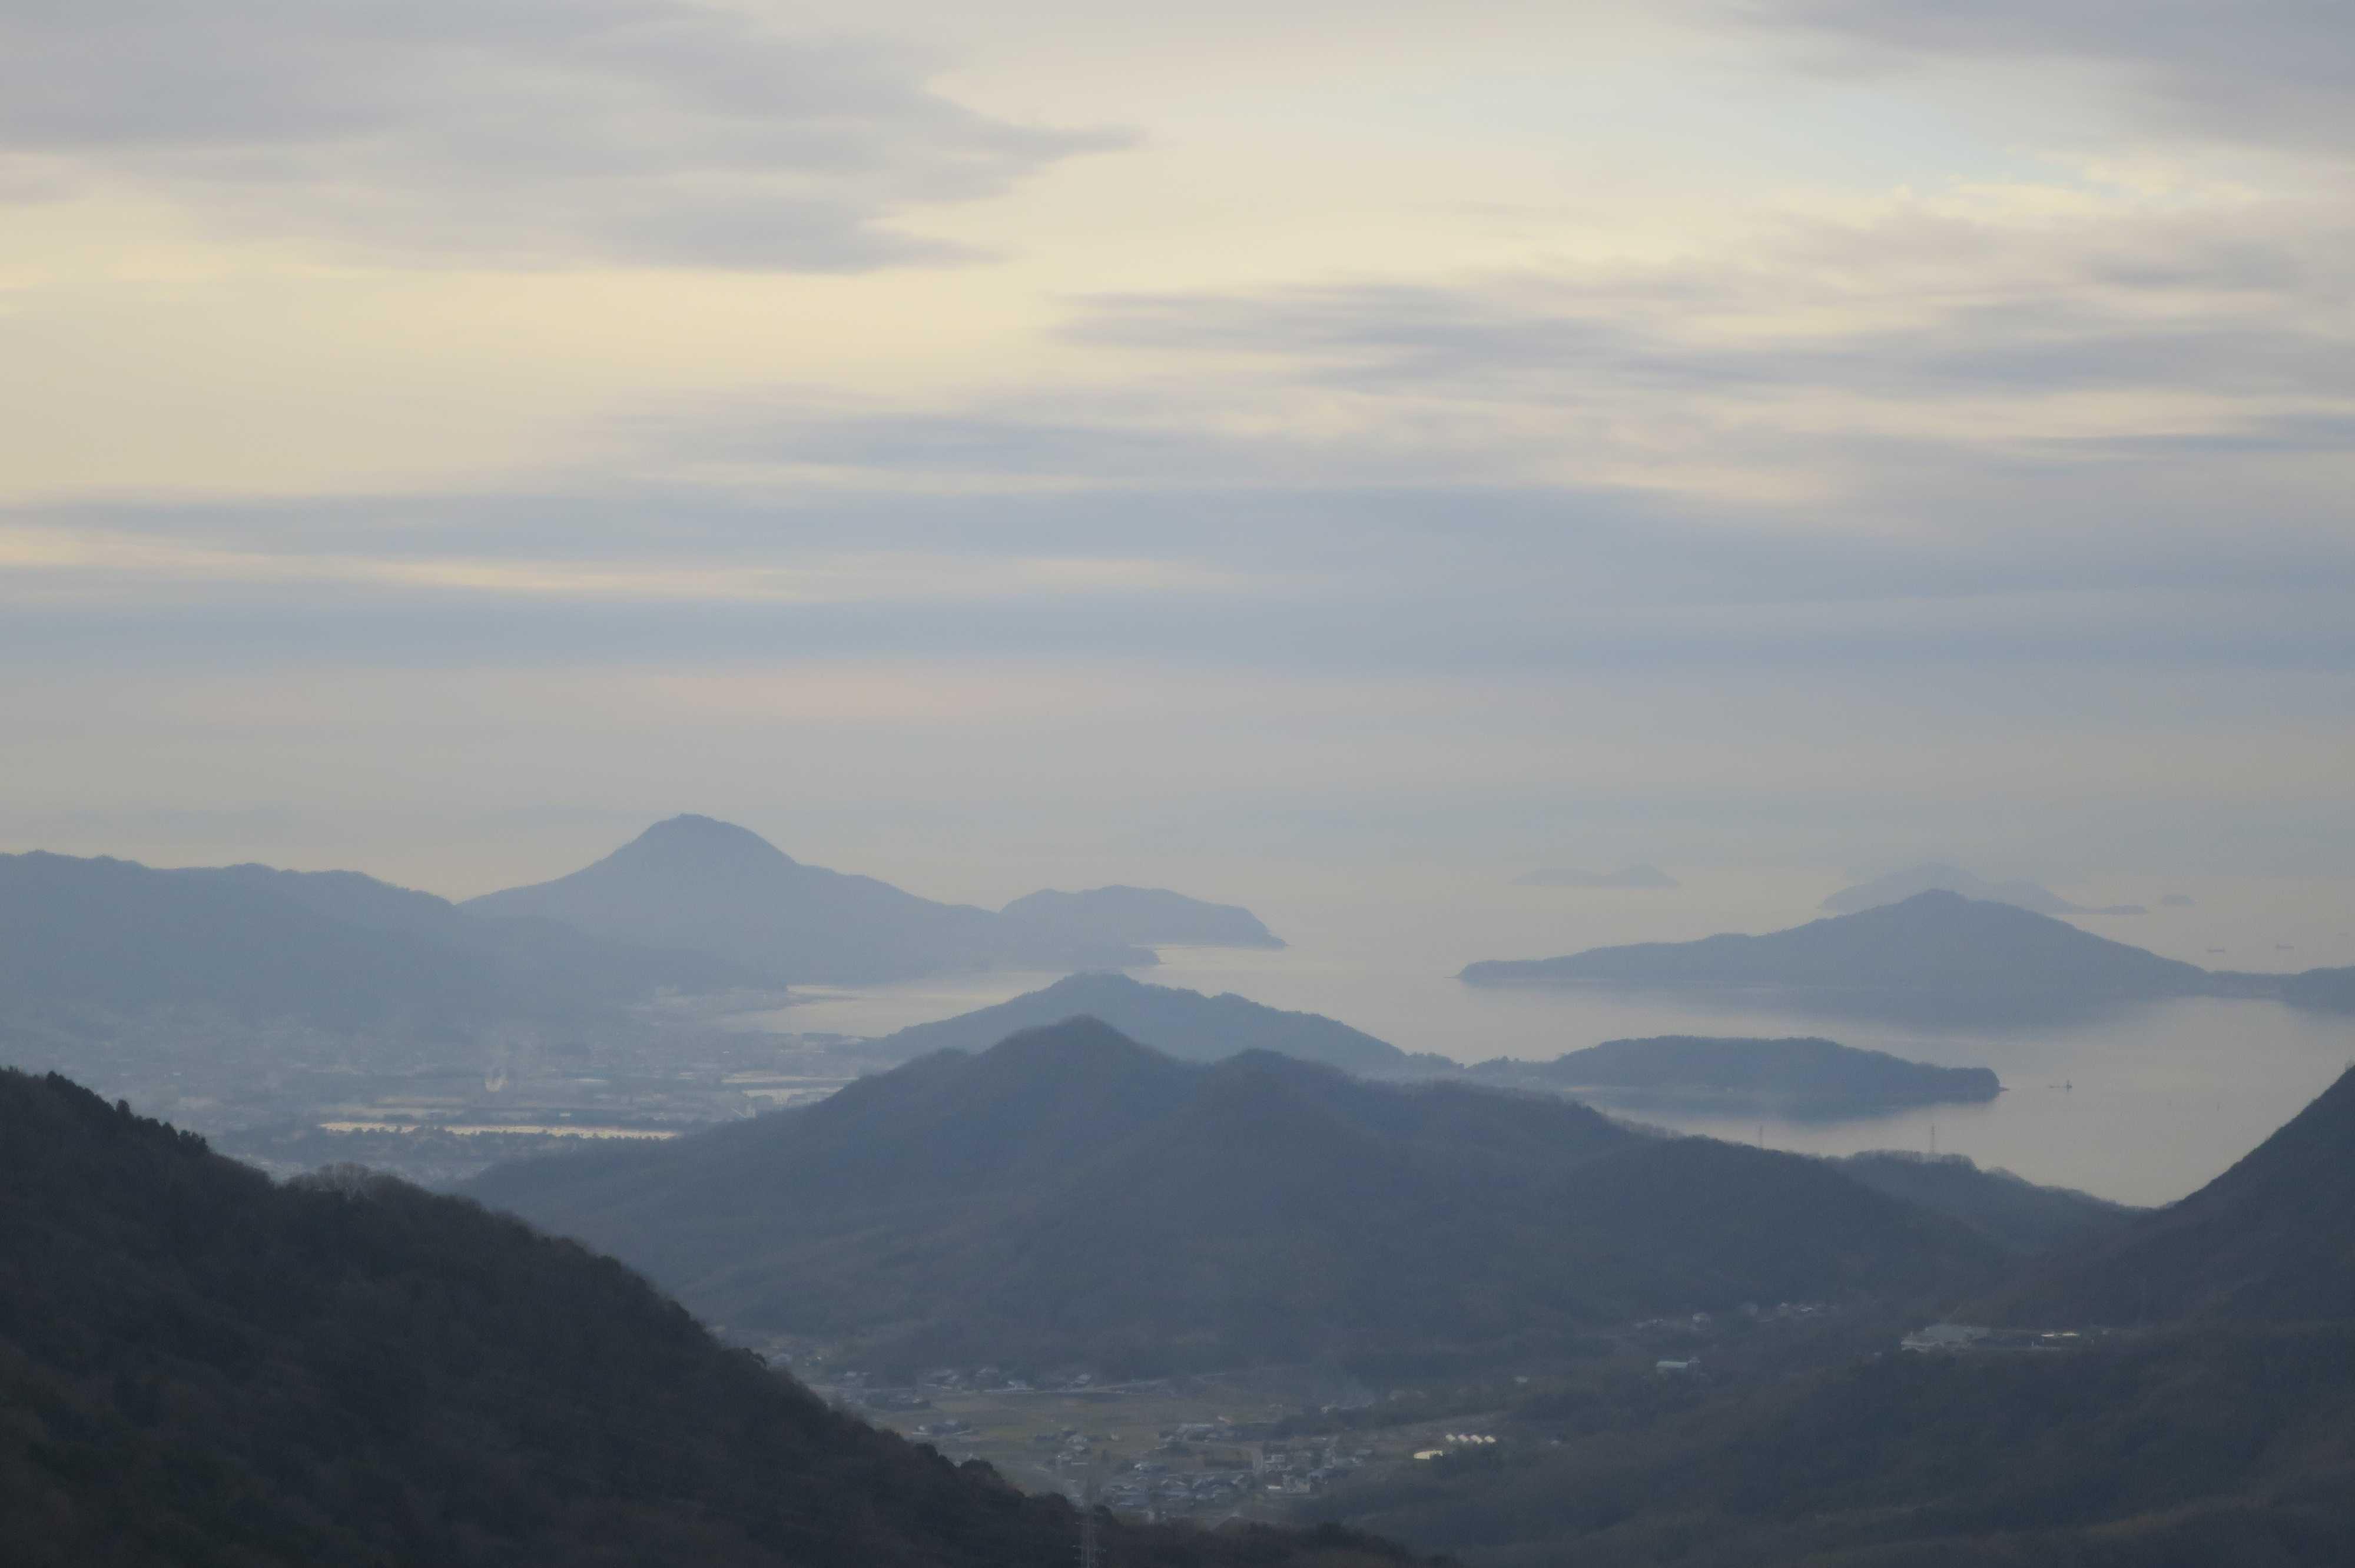 捨身ヶ嶽禅定から見えた瀬戸内海の島々